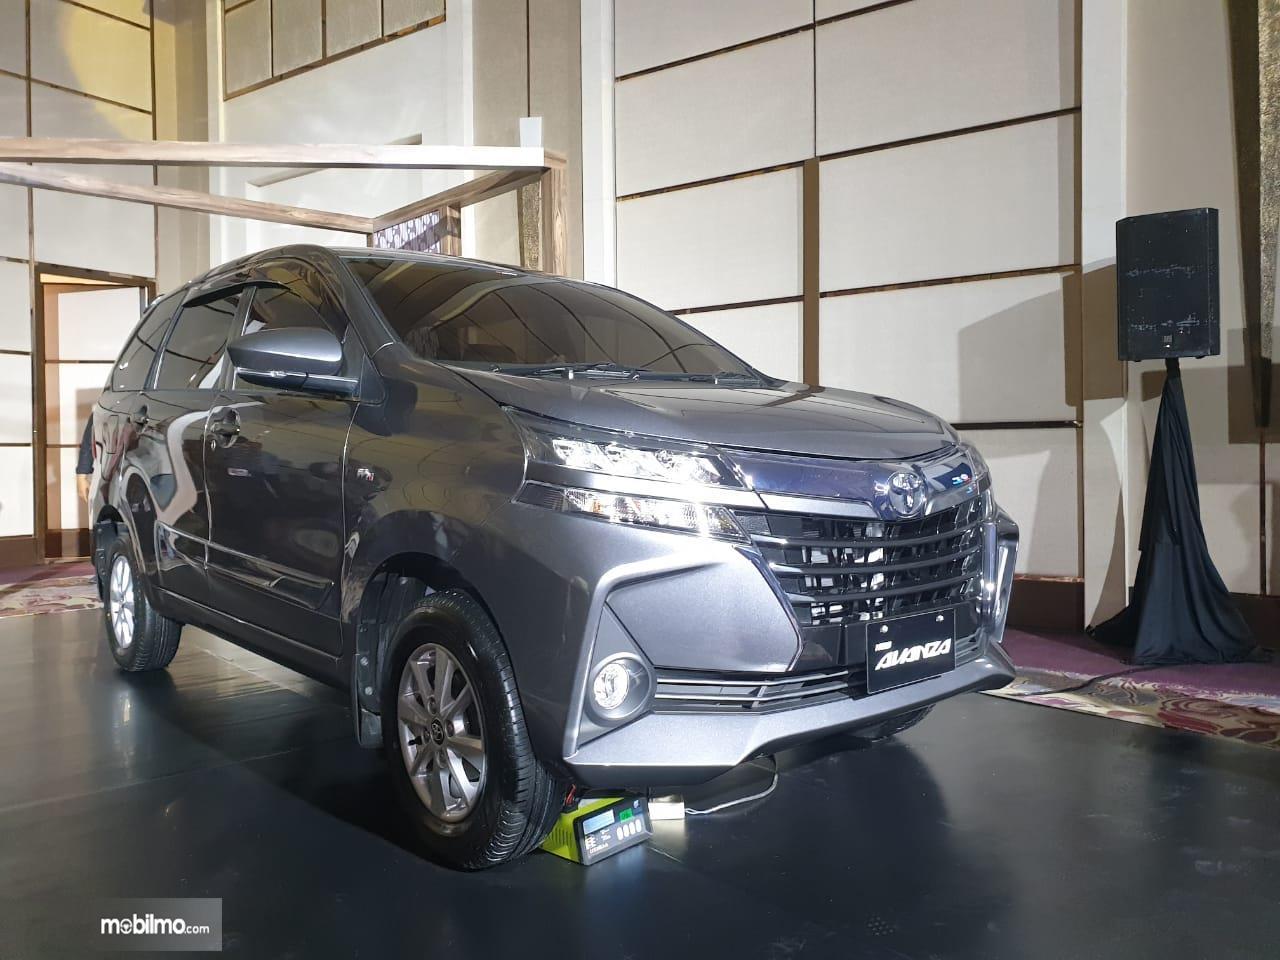 Tampilan samping sebuah New Toyota Avanza 1.5 G M/T 2019 berwarna hitam